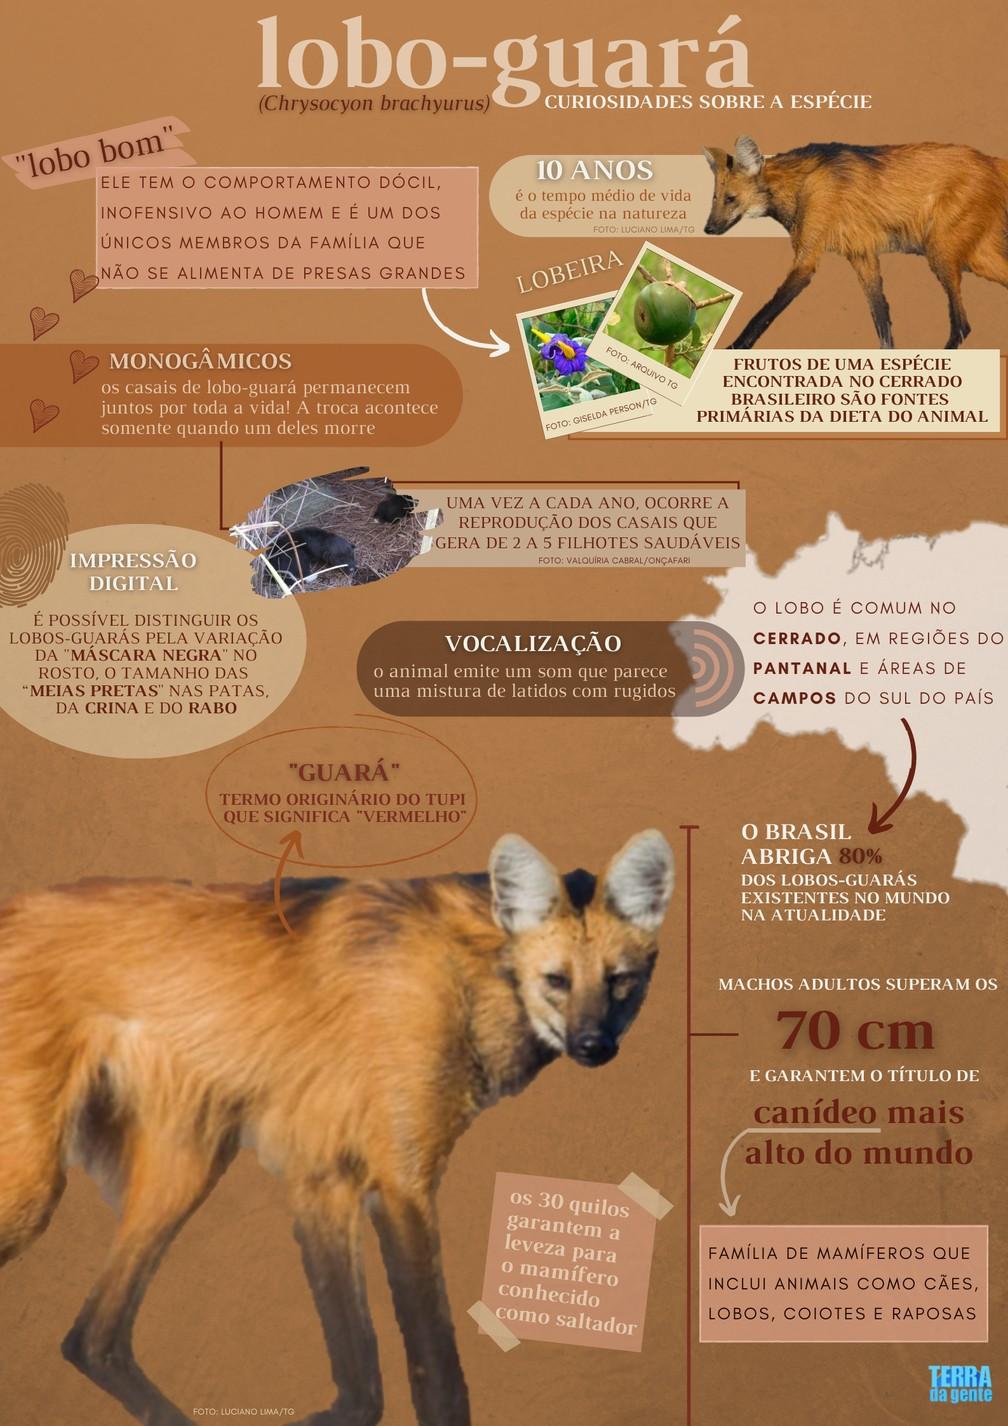 Conheça algumas curiosidades sobre o lobo-guará, animal que estampará a nota de R$200 — Foto: Gabriela Brumatti/TG